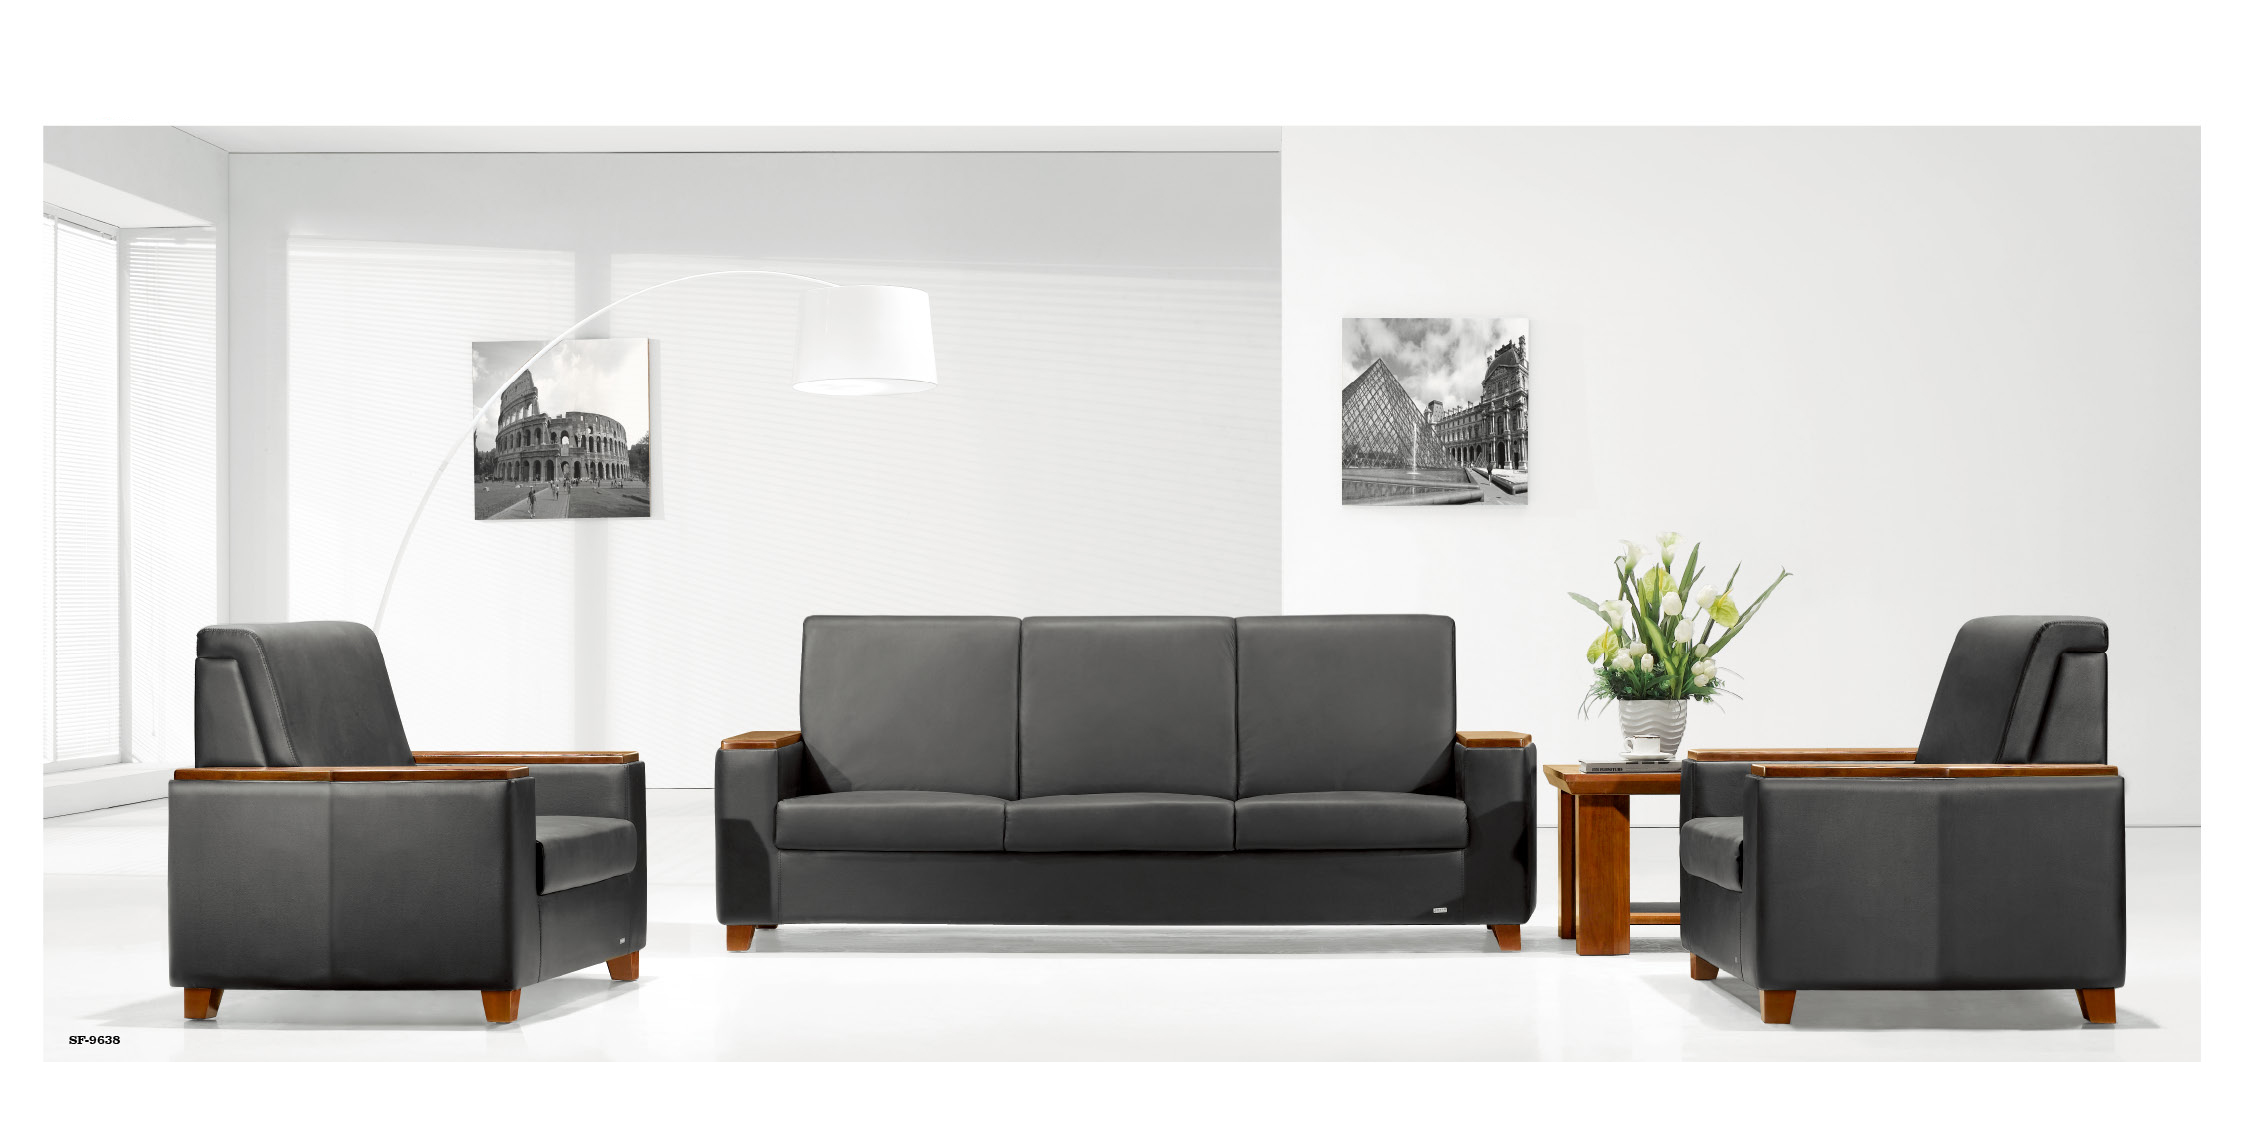 沙发套组SF-9638